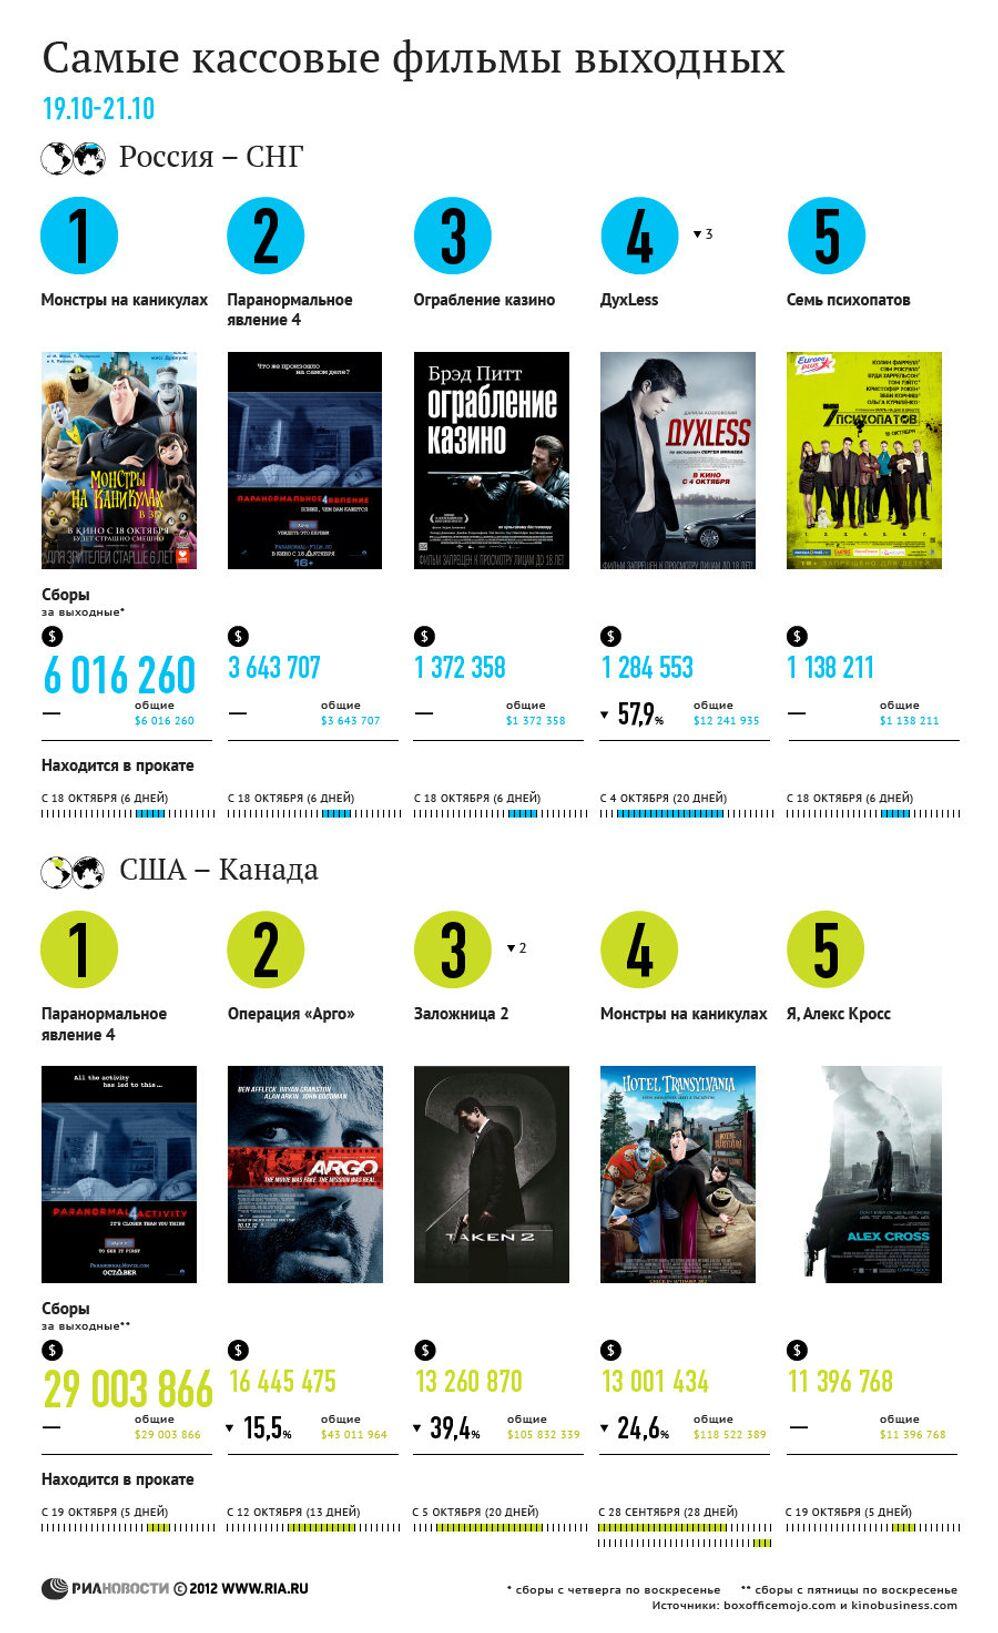 самые кассовые фильмы выходных 19 21 октября риа новости